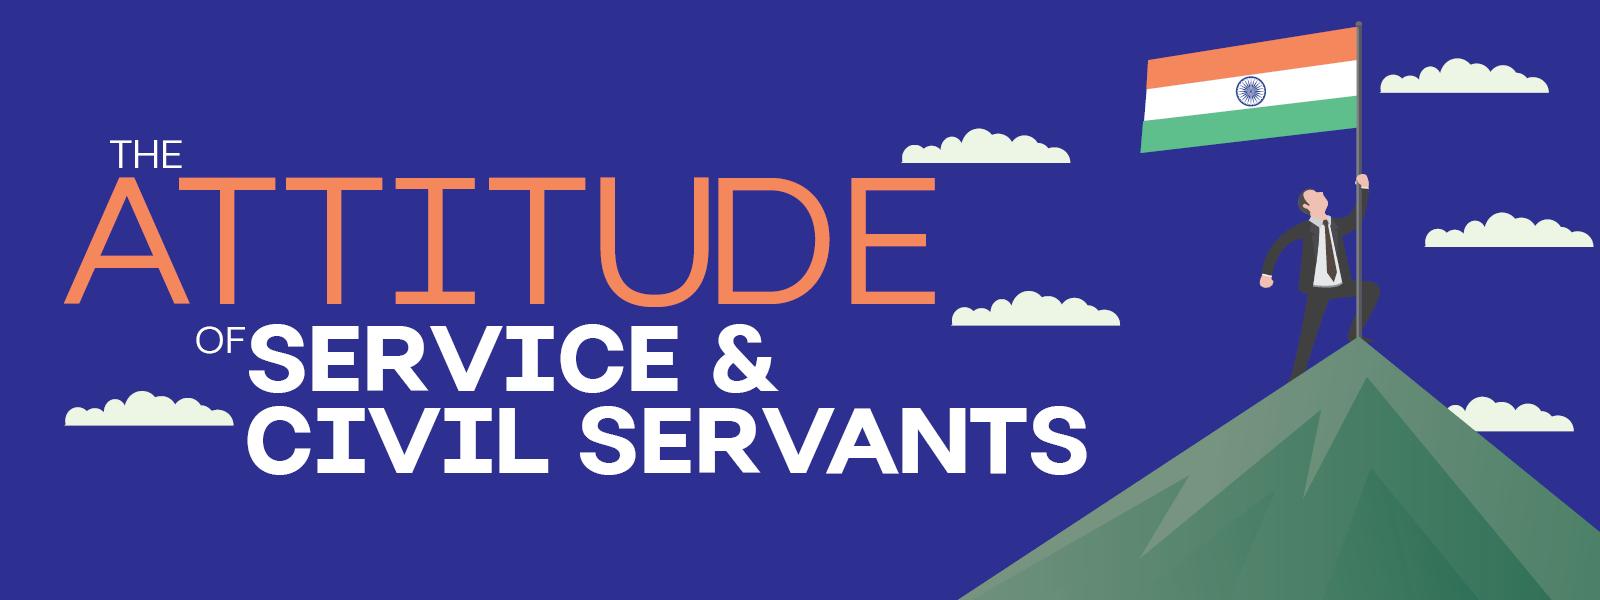 attitude of civil servants